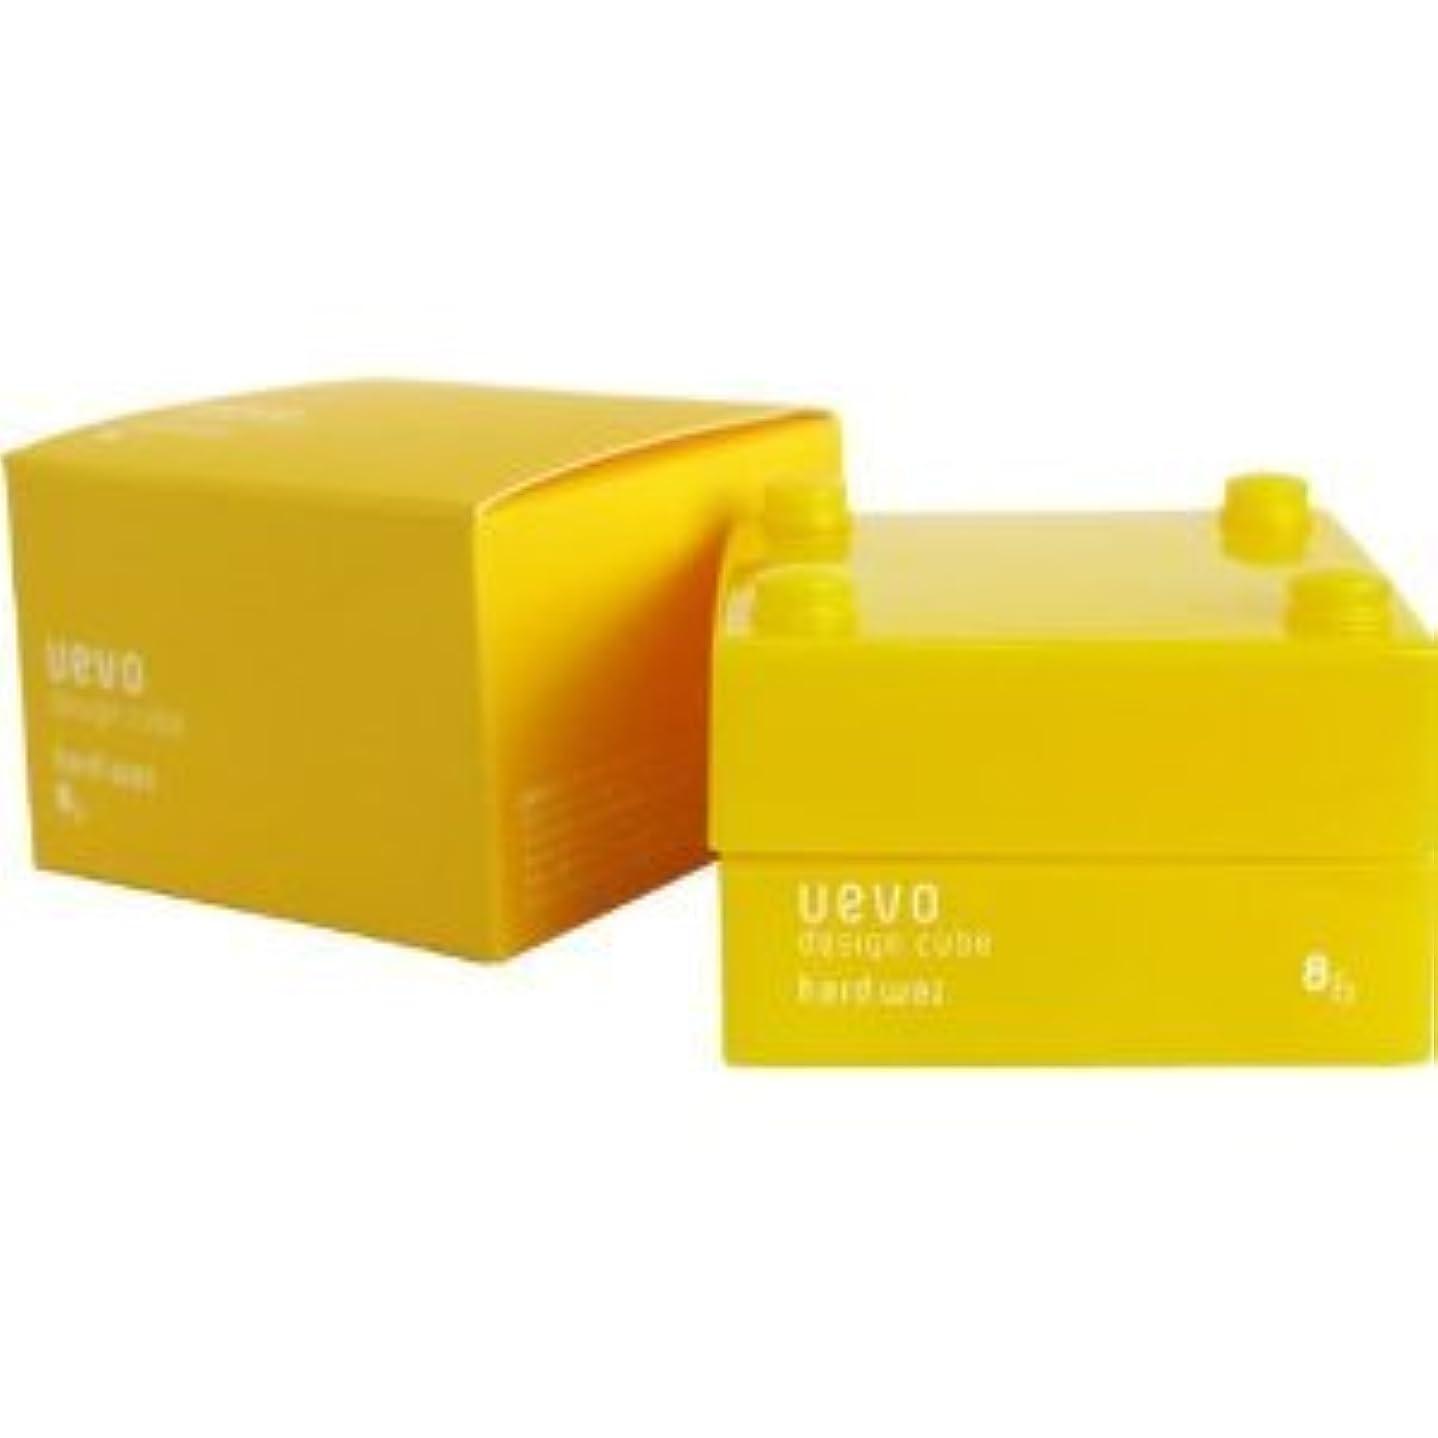 最も遠い将来の類人猿【X2個セット】 デミ ウェーボ デザインキューブ ハードワックス 30g hard wax DEMI uevo design cube